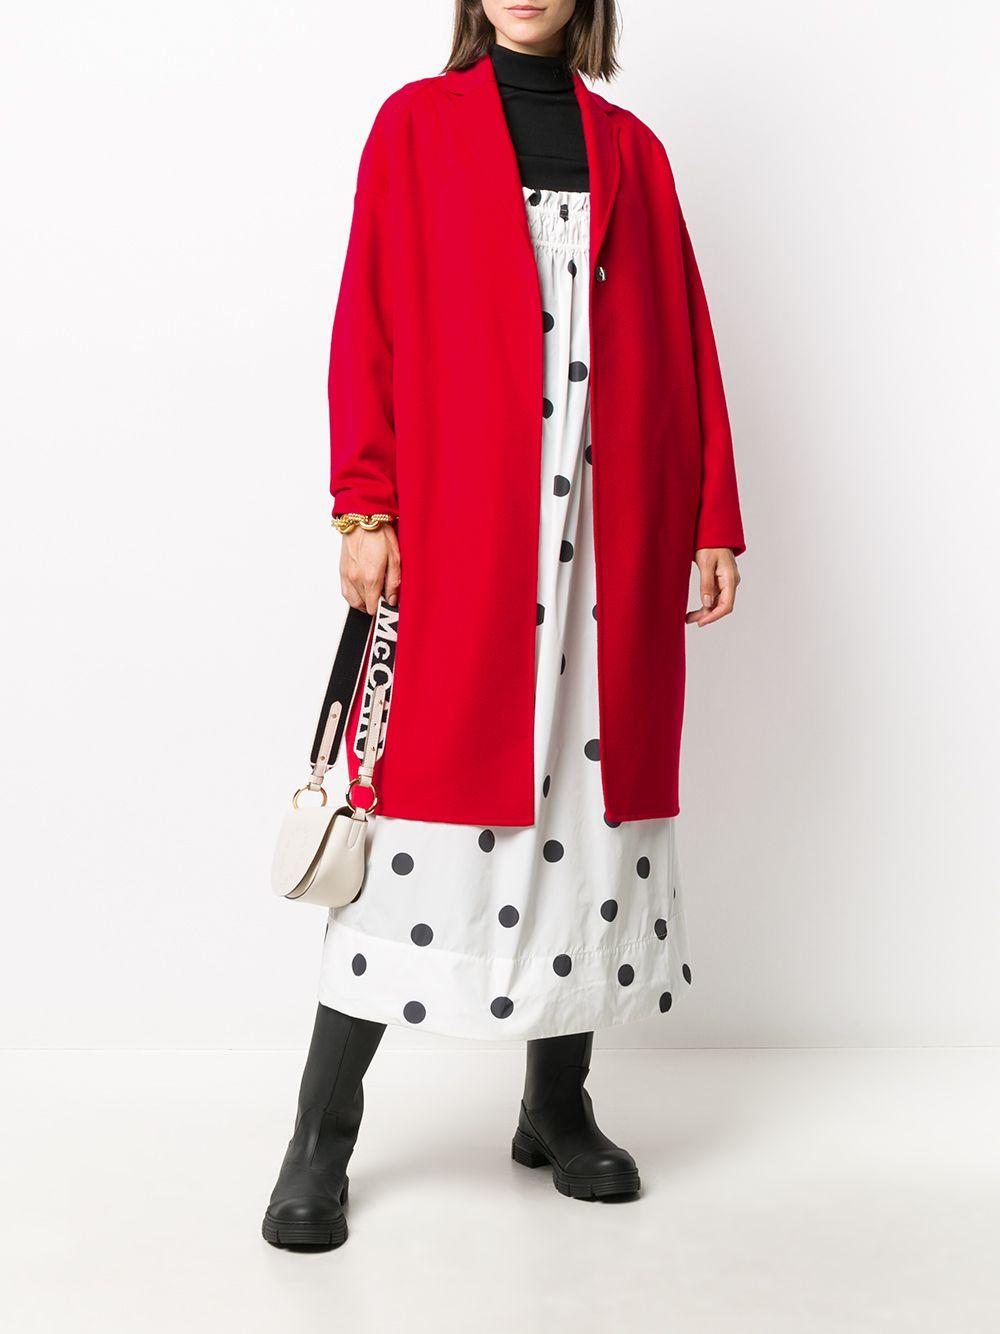 Cappotto monopetto in lana rossa con revers a dente, chiusura frontale con bottoni STELLA MC CARTNEY   Cappotti   573928-SPB056506